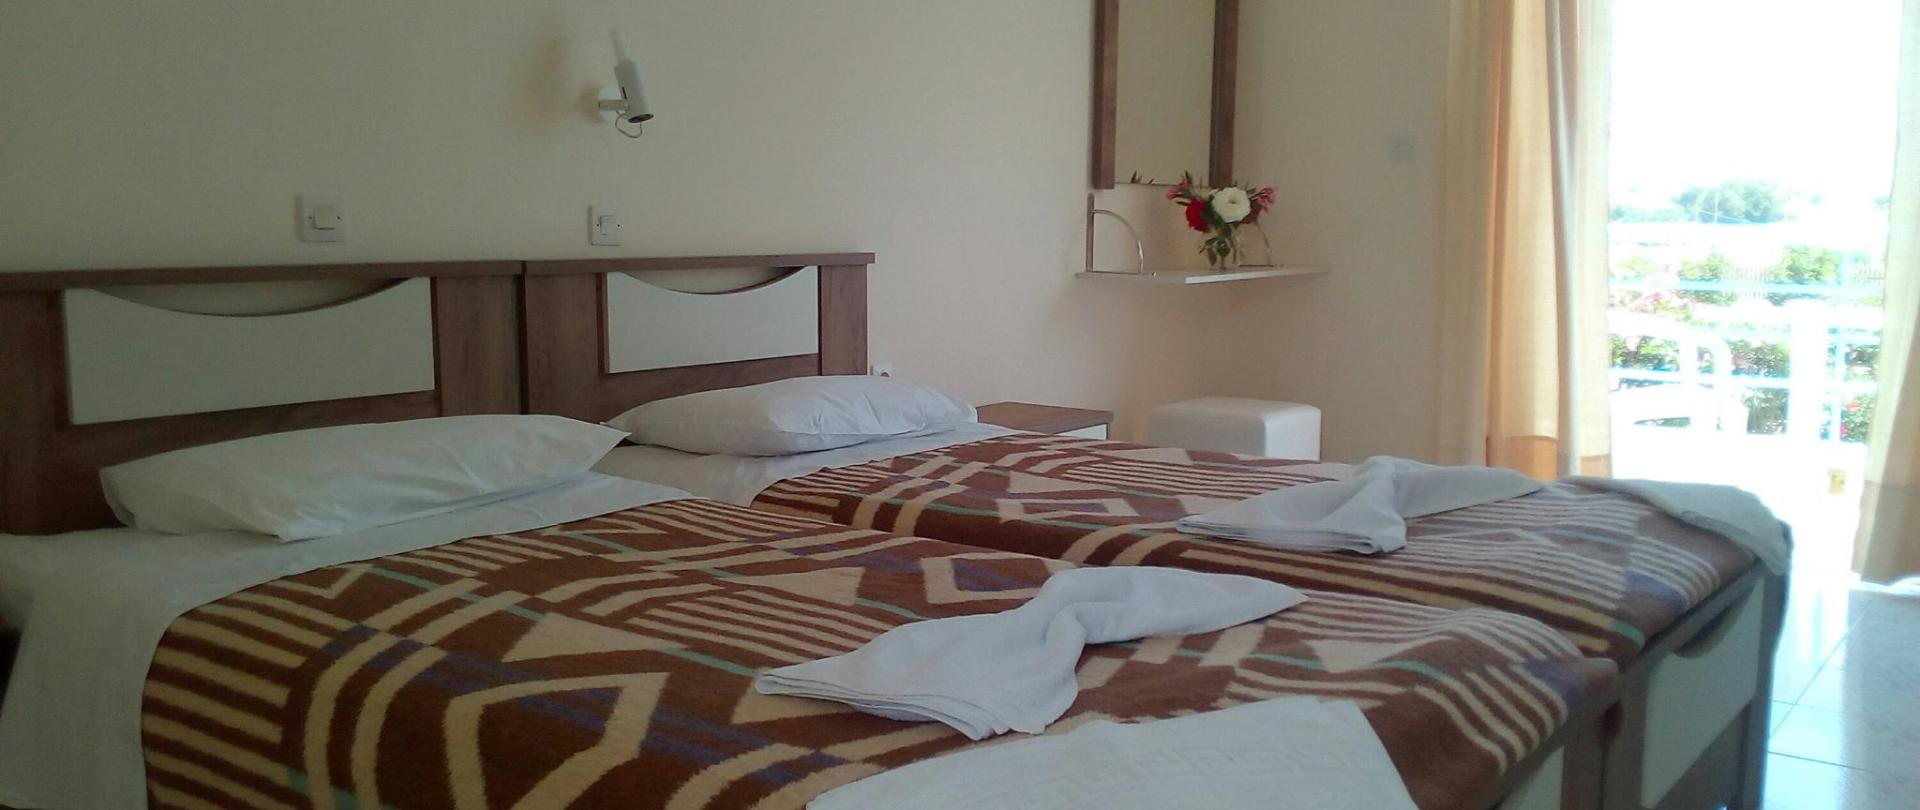 Standard room 5.jpg